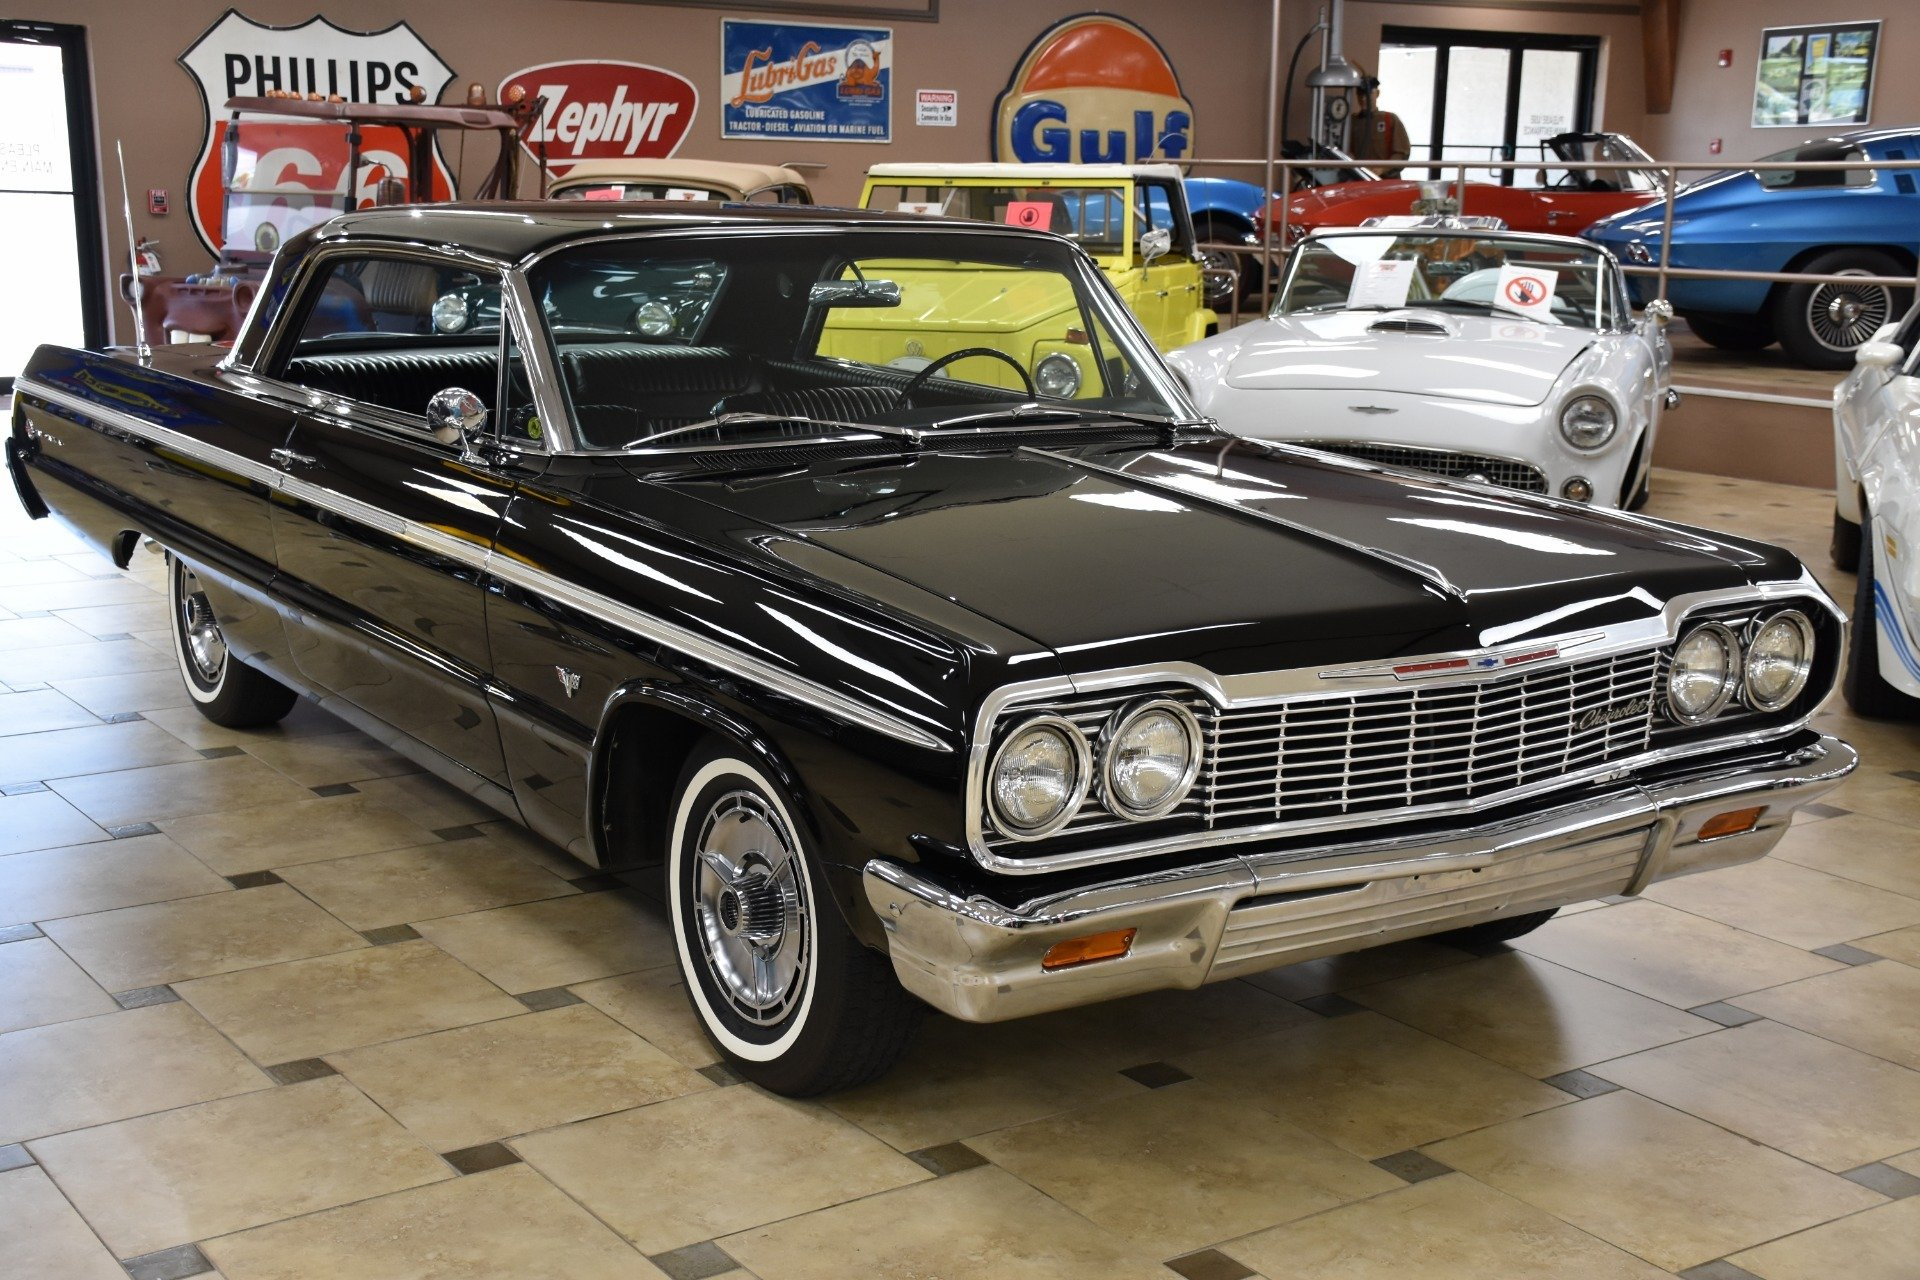 Kelebihan Chevrolet Impala 64 Tangguh